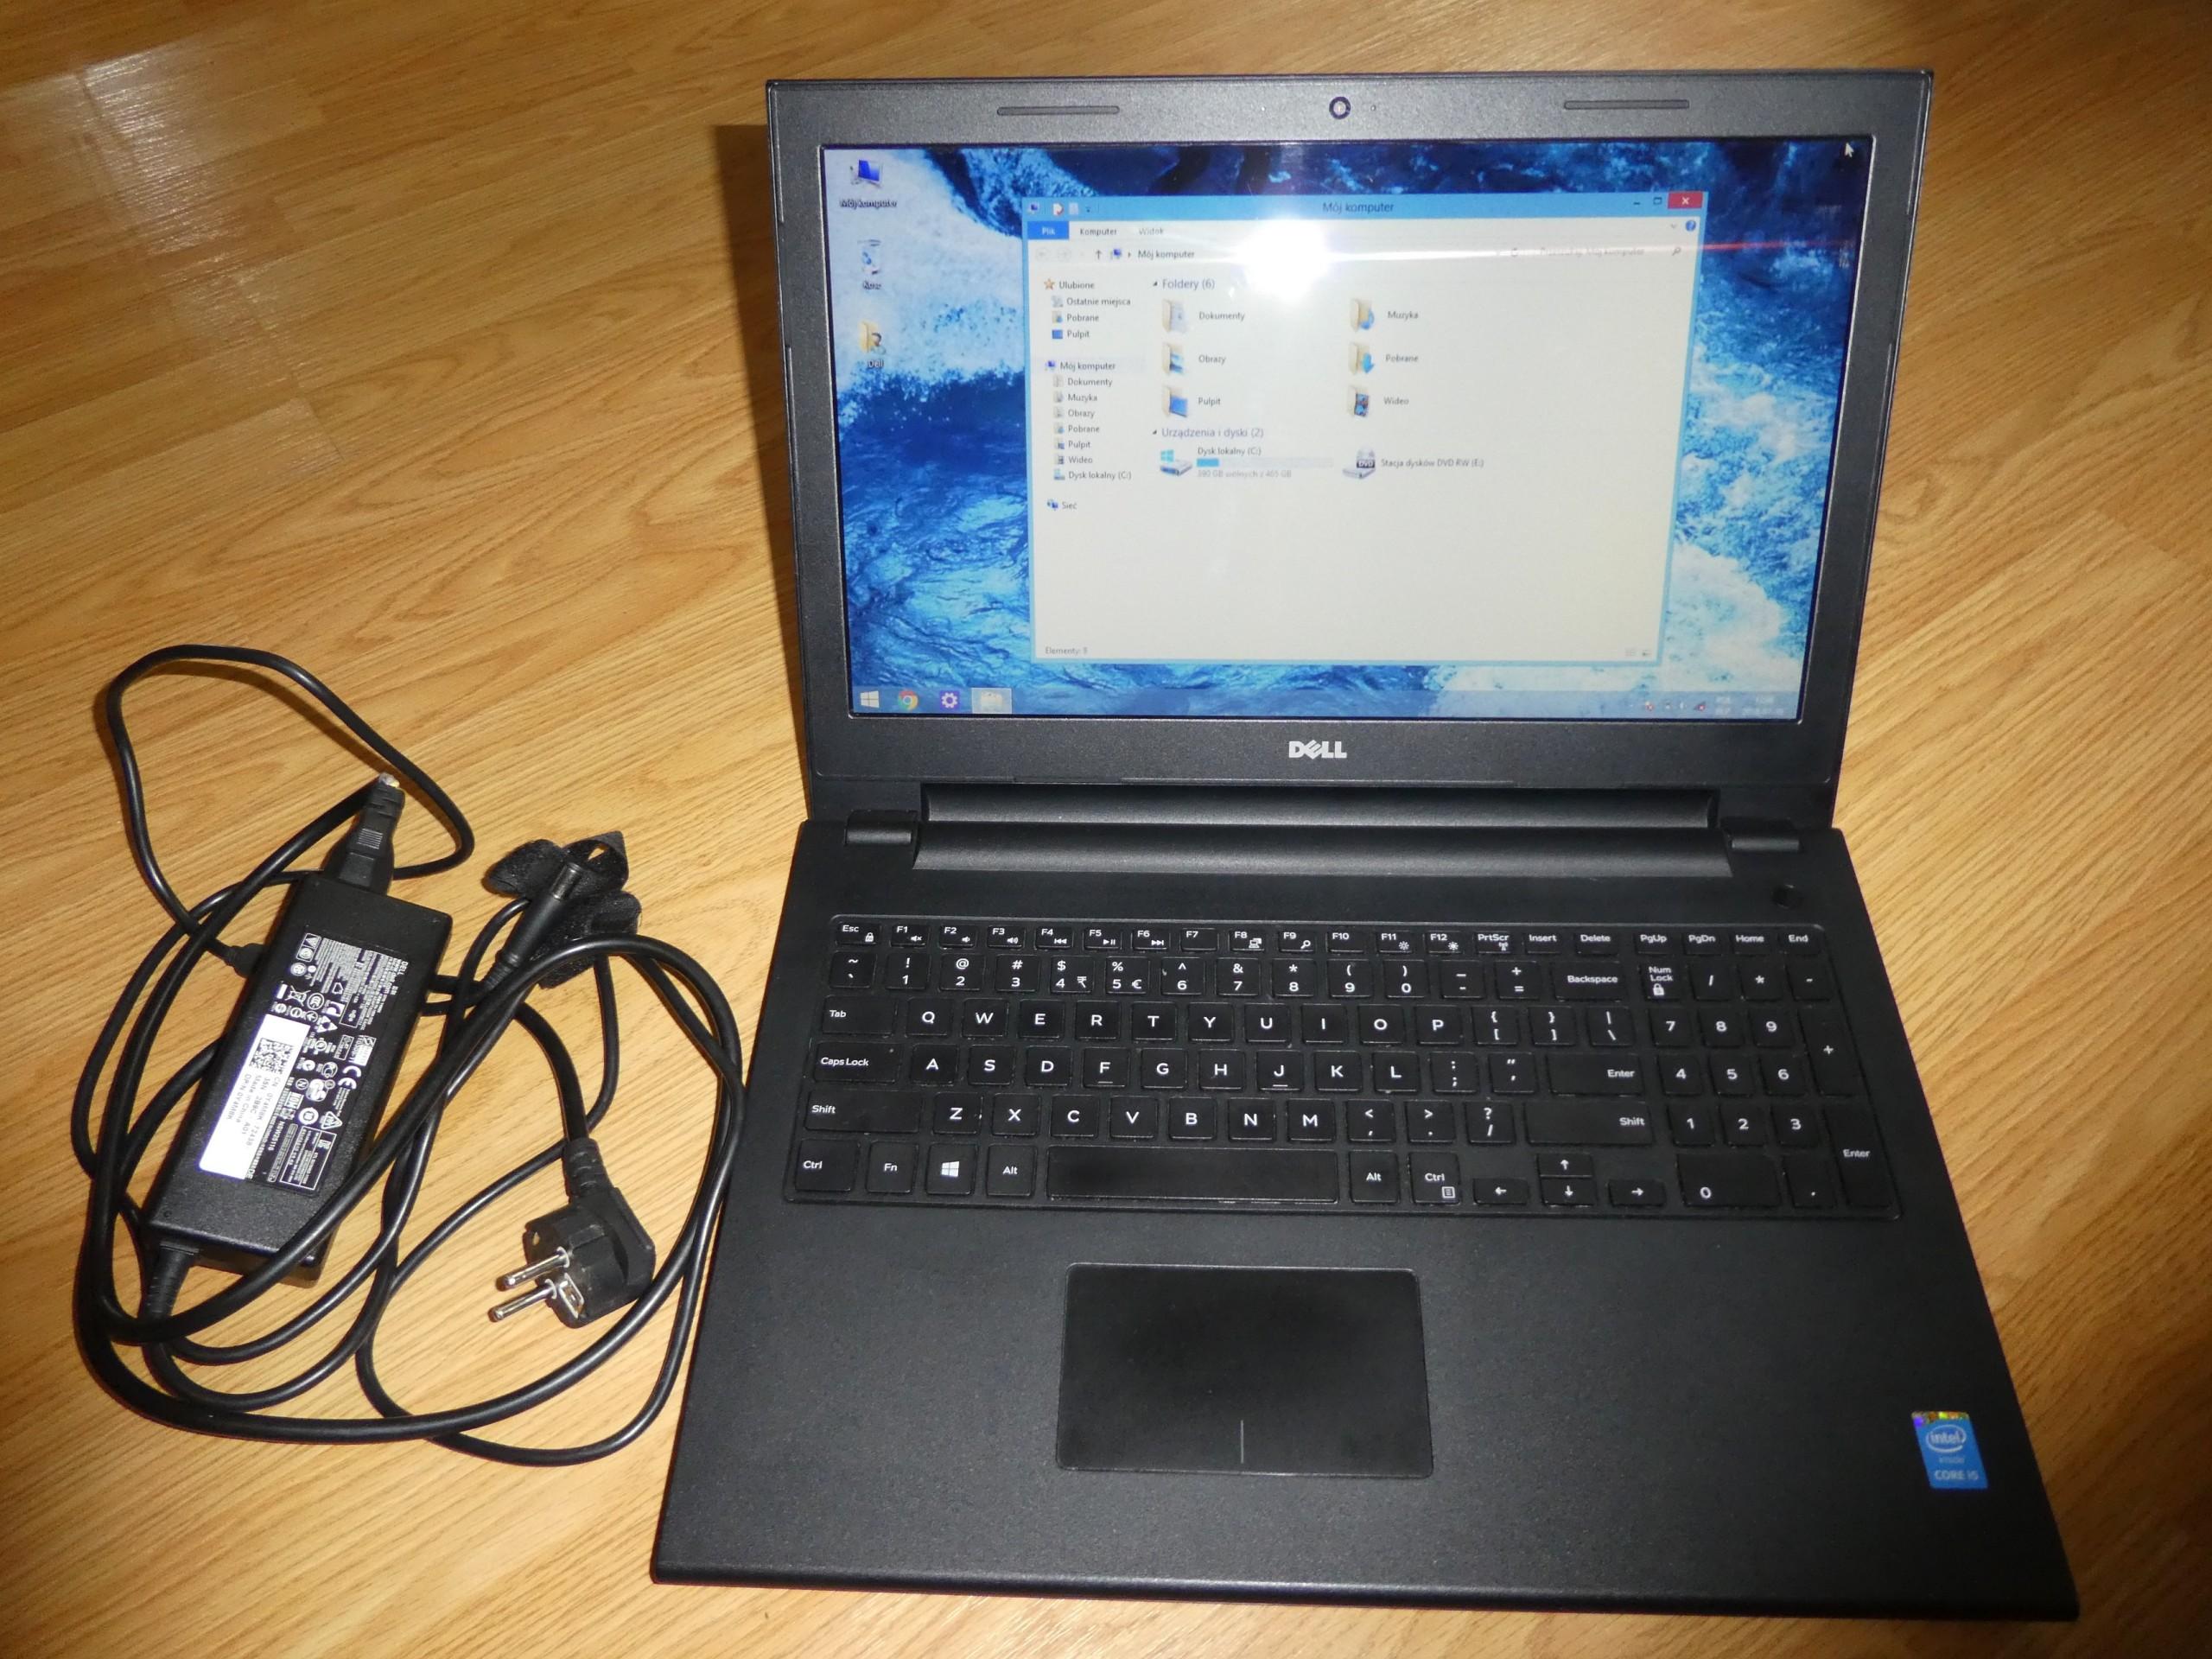 Dell Inspiron 15 3878 Wifi Driver For Windows 7 64 Bit